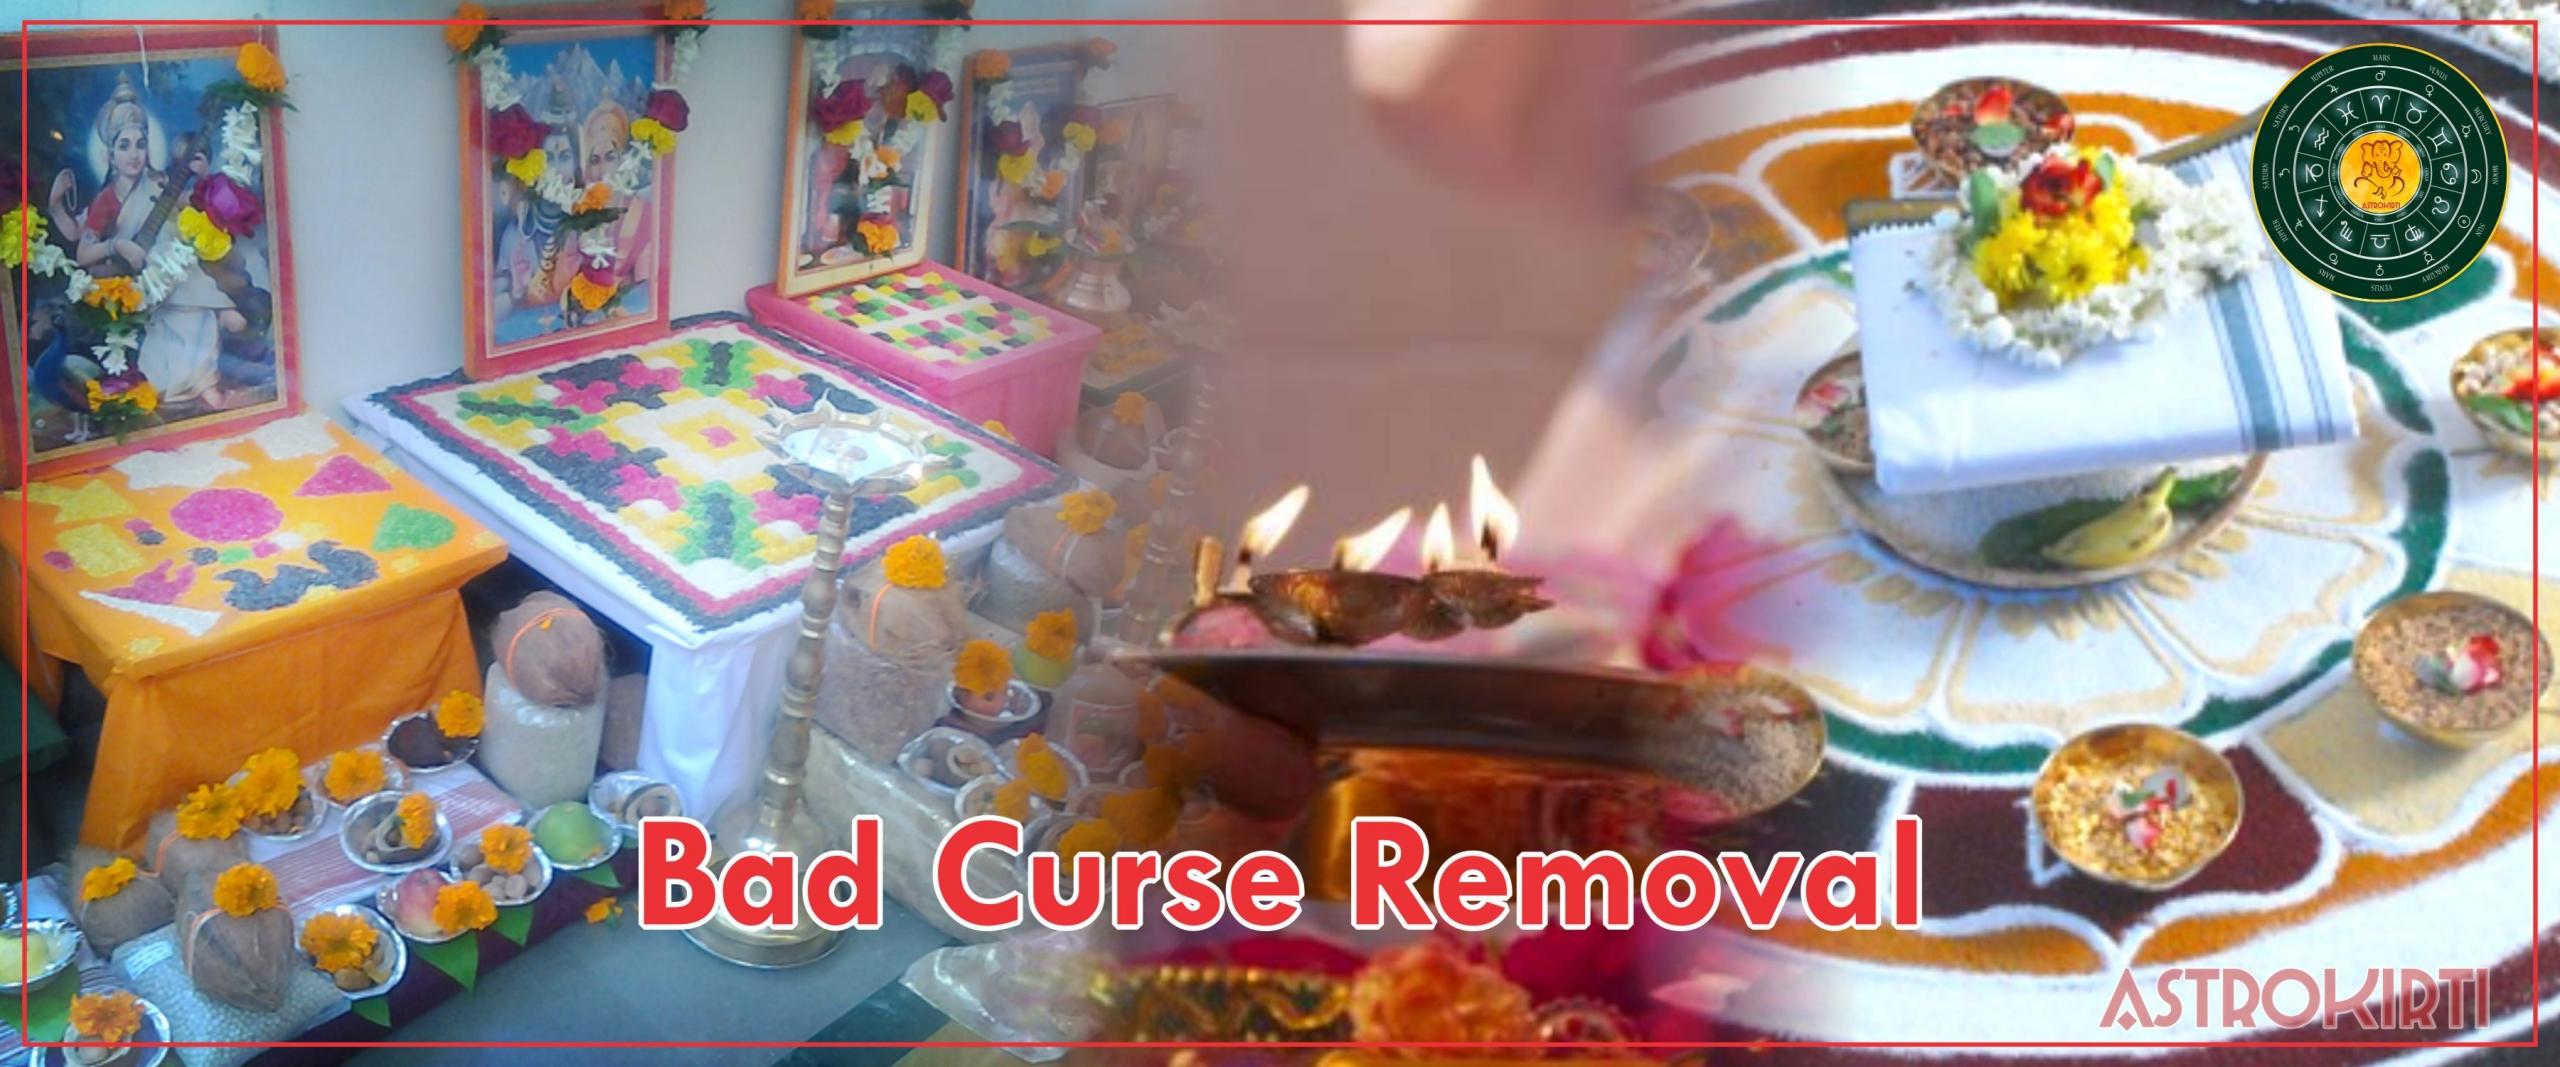 Bad Curse Removal